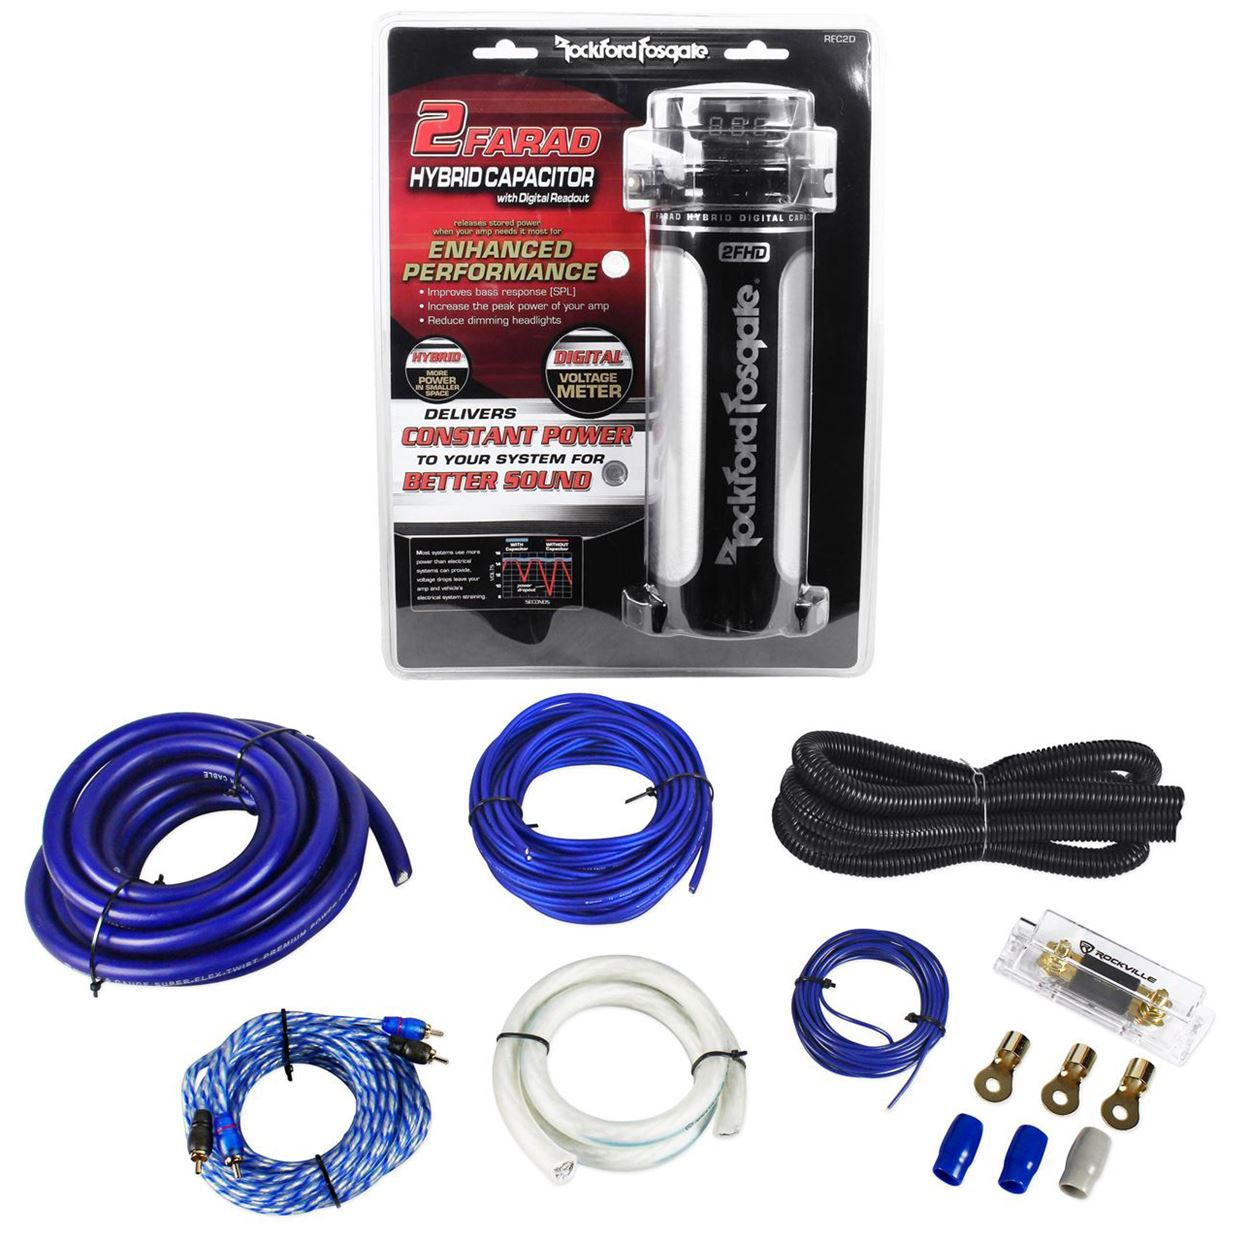 Rockford Fosgate RFC2D 2 Farad Digital Car Capacitor w/ M...